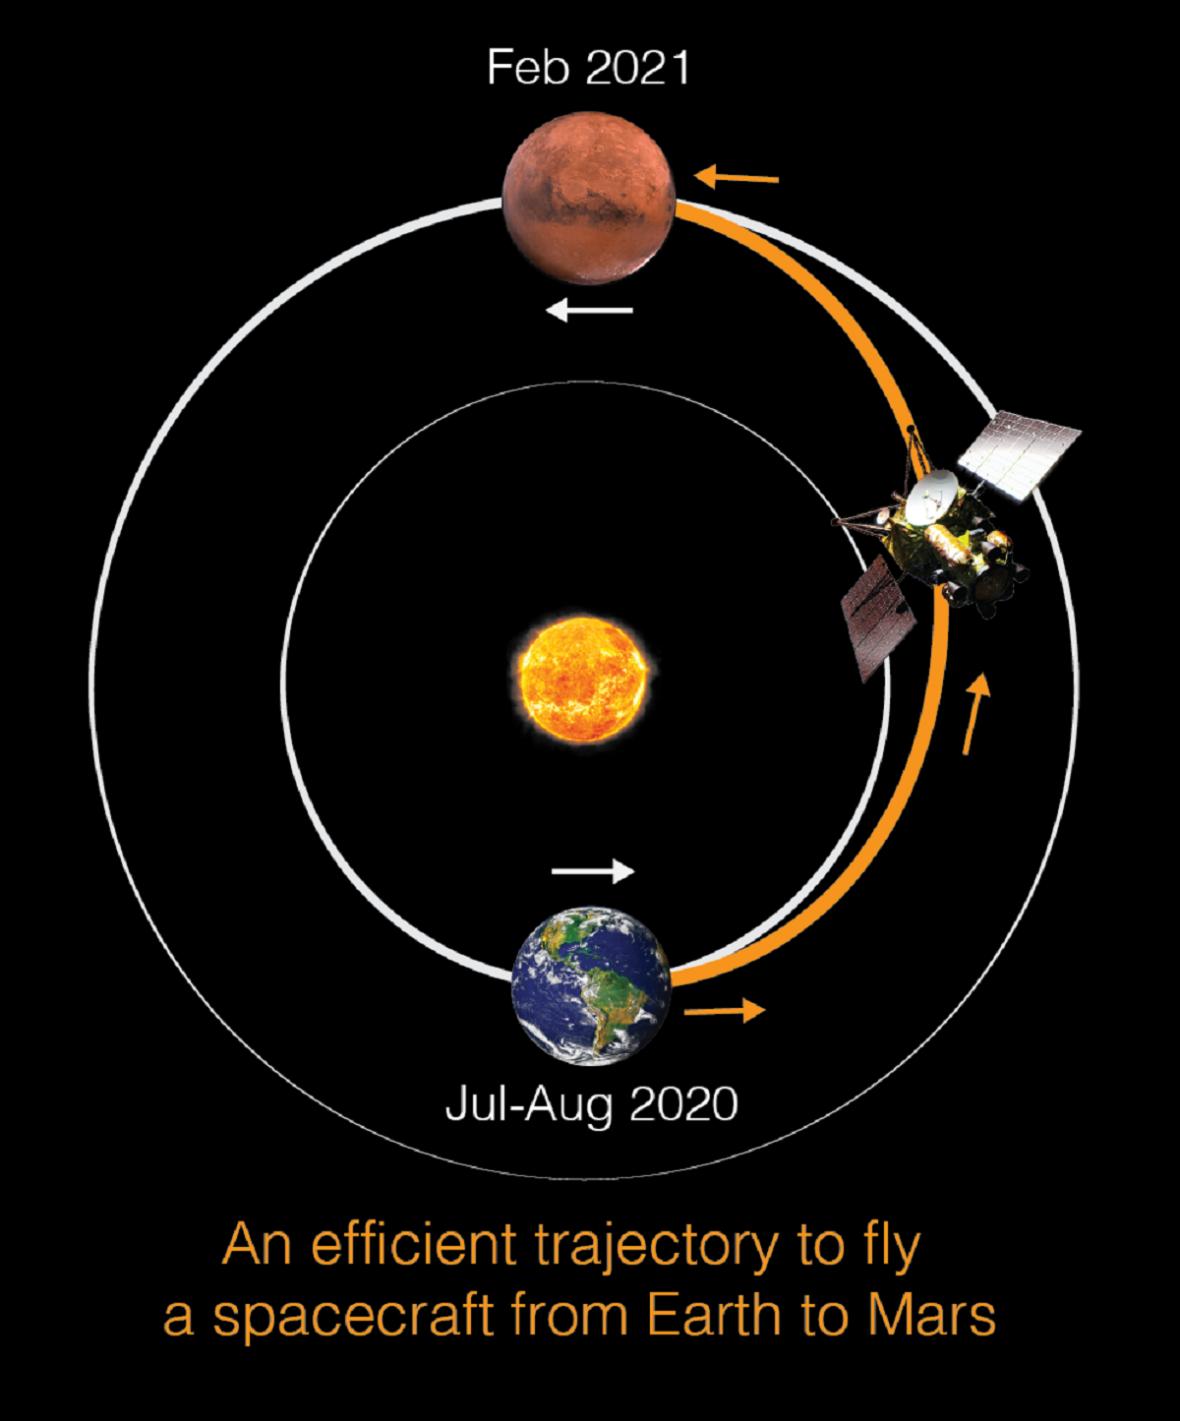 Ideální trajektorie mezi Zemí a Marsem